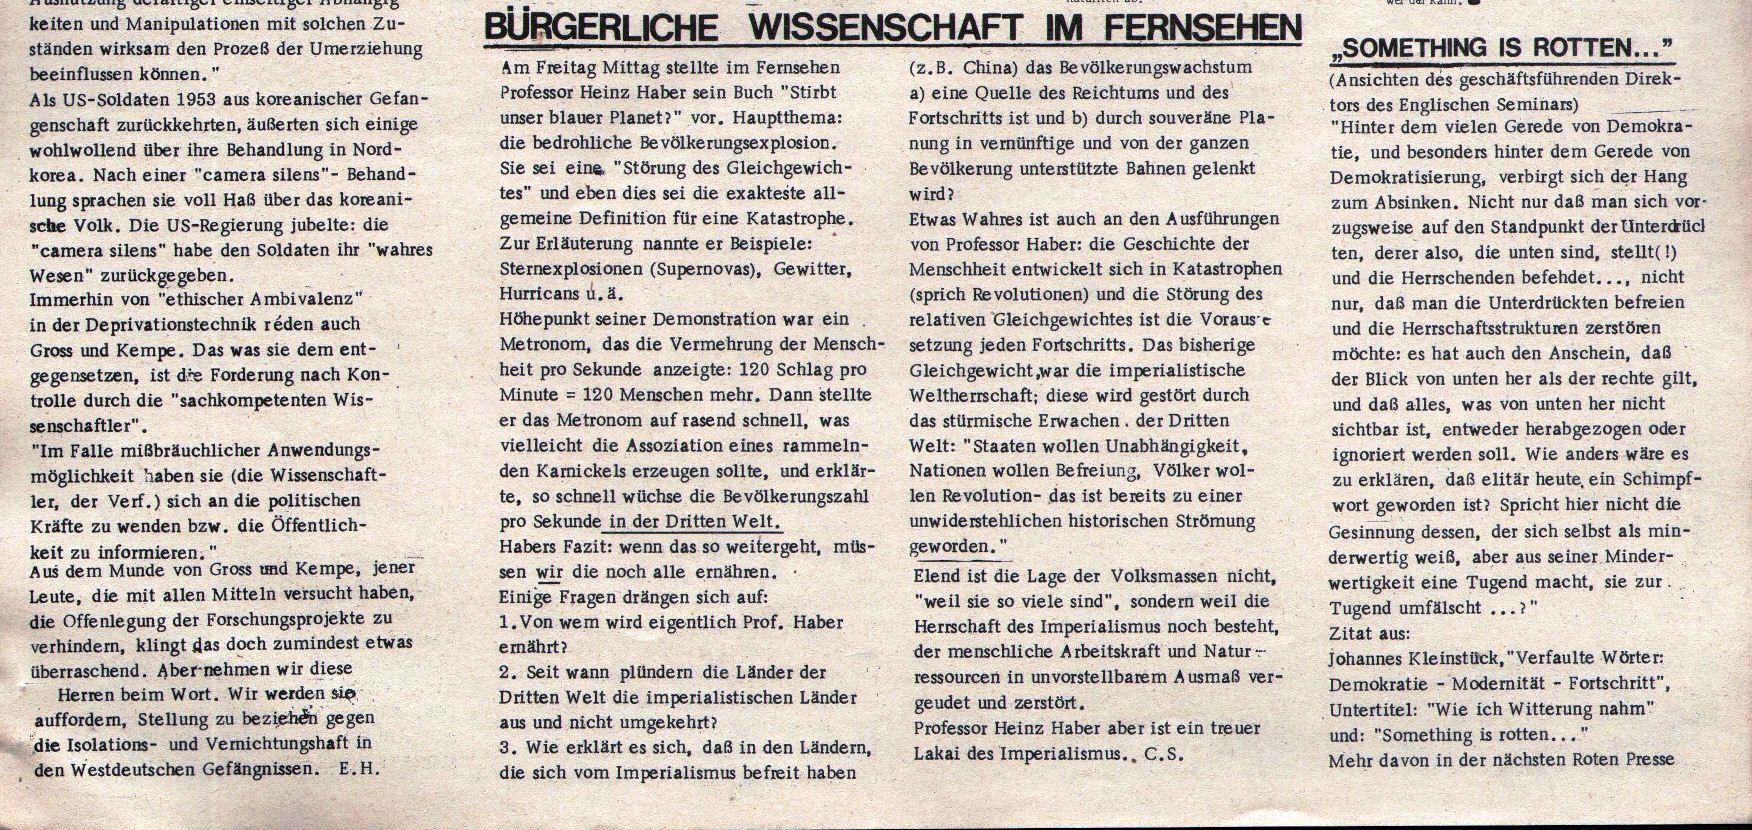 Hamburg_Rote_Presse454